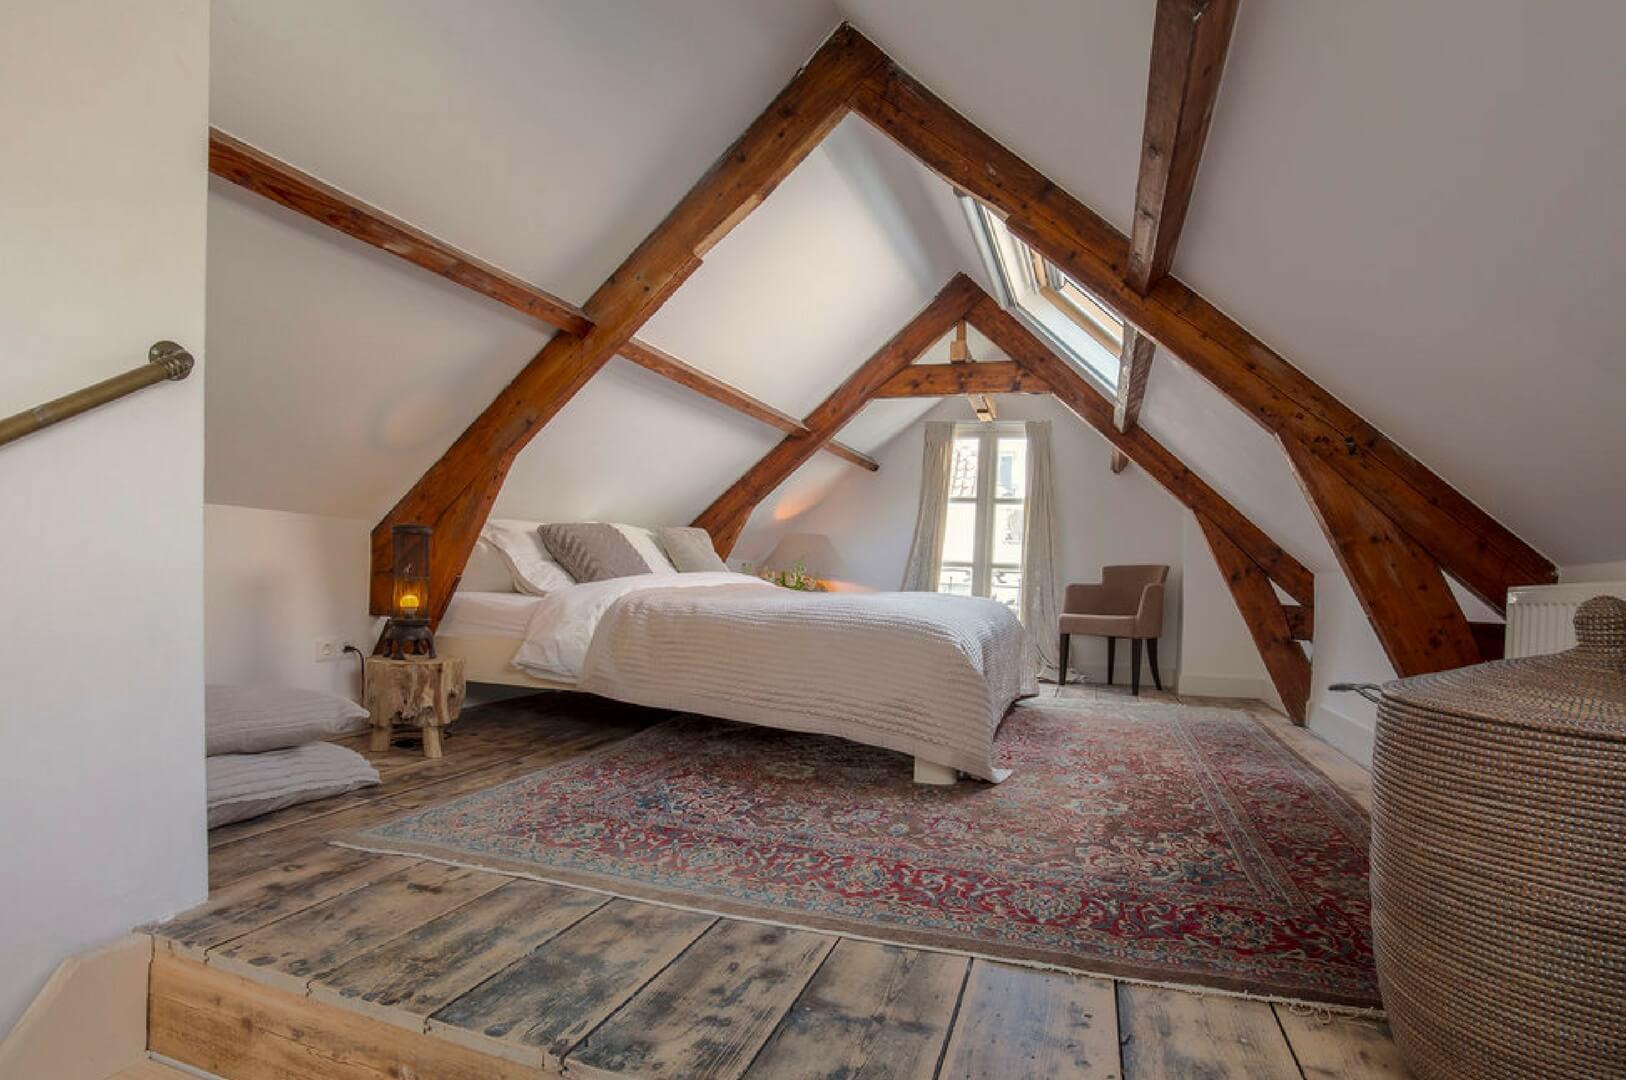 Zeeuwse suites i zwei geschmackvolle ferienwohnungen in middelburg